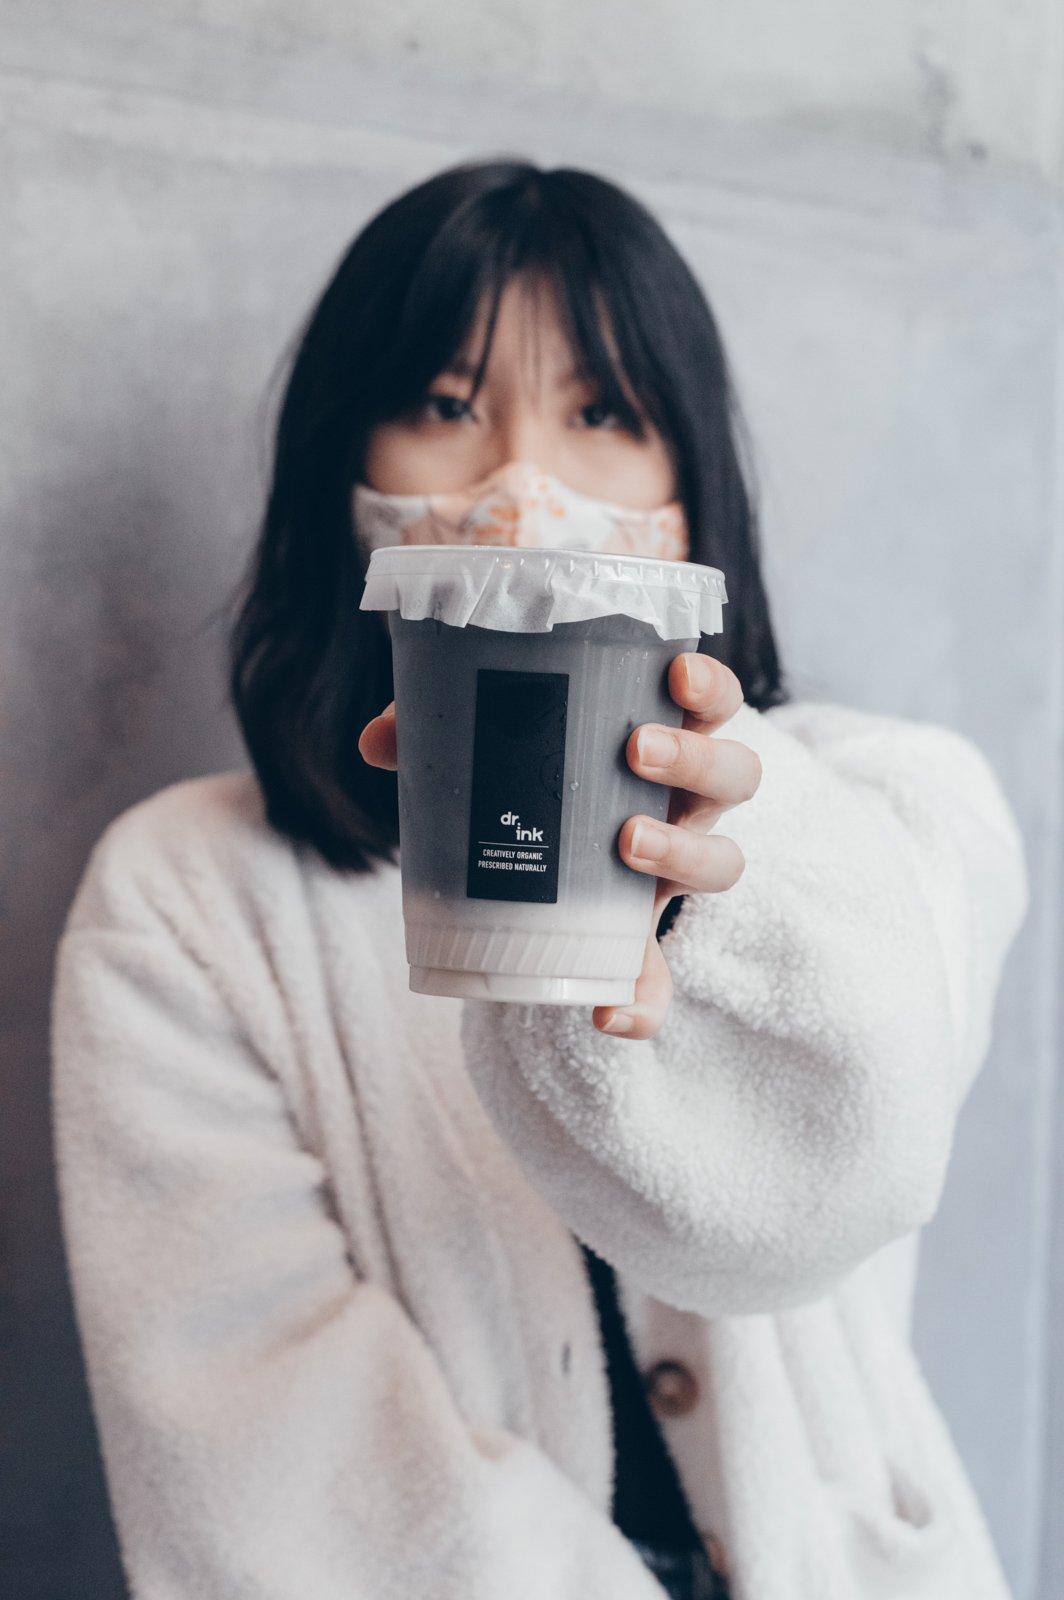 Dr.ink black nougat latte portrait with girl